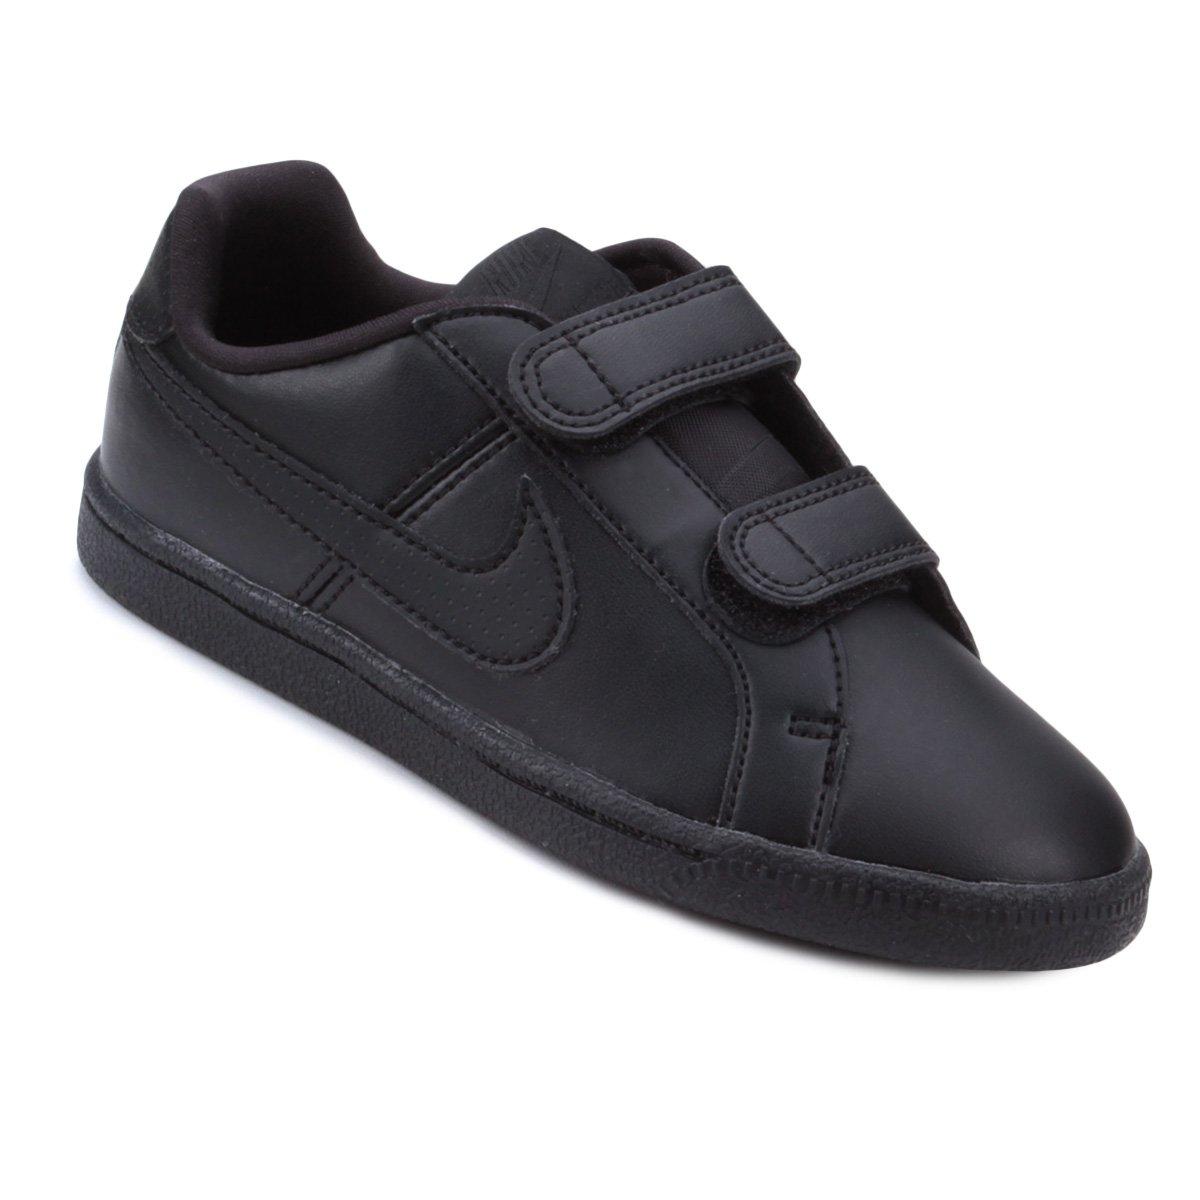 b281f2f9b94a1 Tênis Infantil Nike Court Royale Masculino - Preto - Compre Agora ...